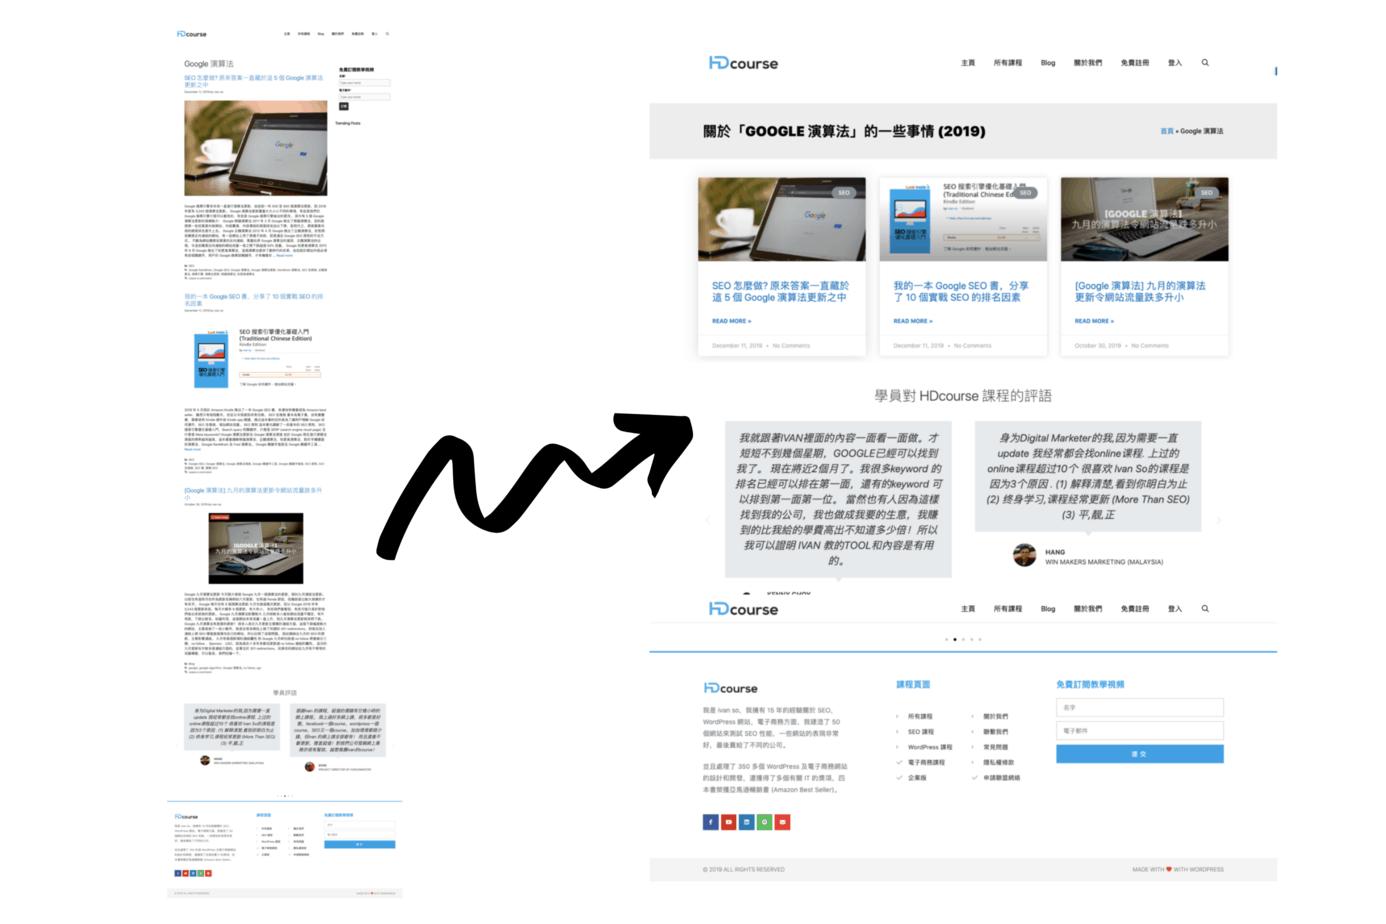 人棄我取,WordPress Tag 標籤頁的 SEO 技巧 (更新版)